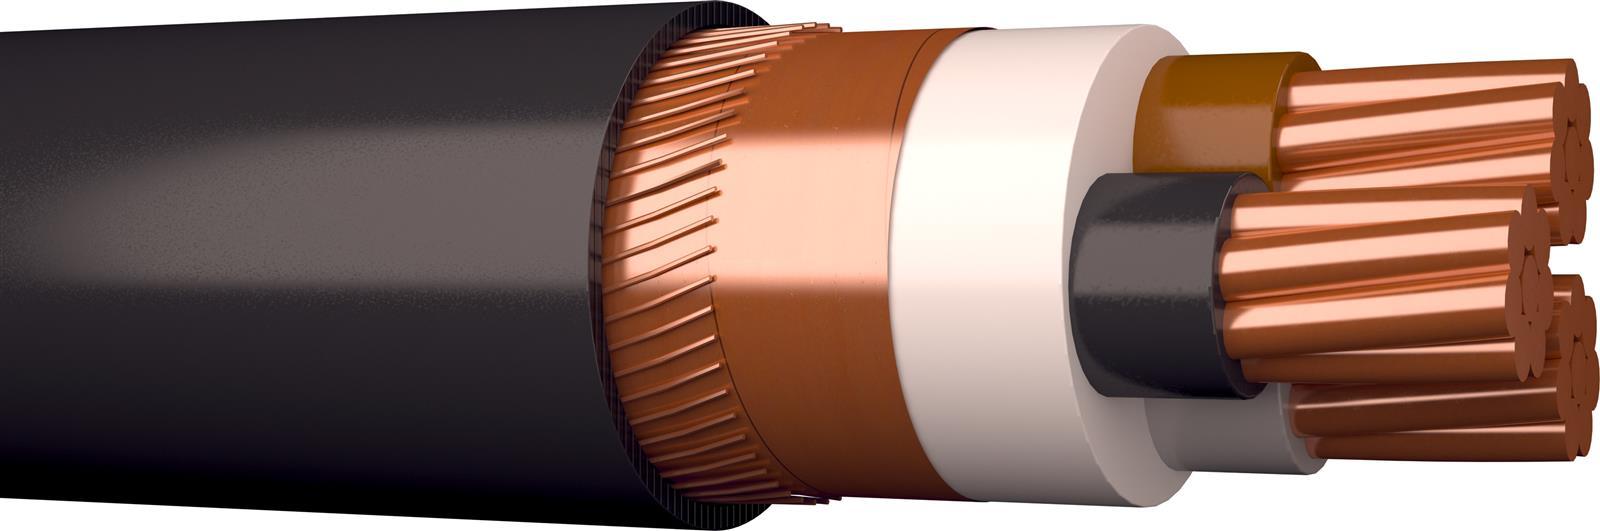 FXQJ-EMC PURE 3X16 FR/16